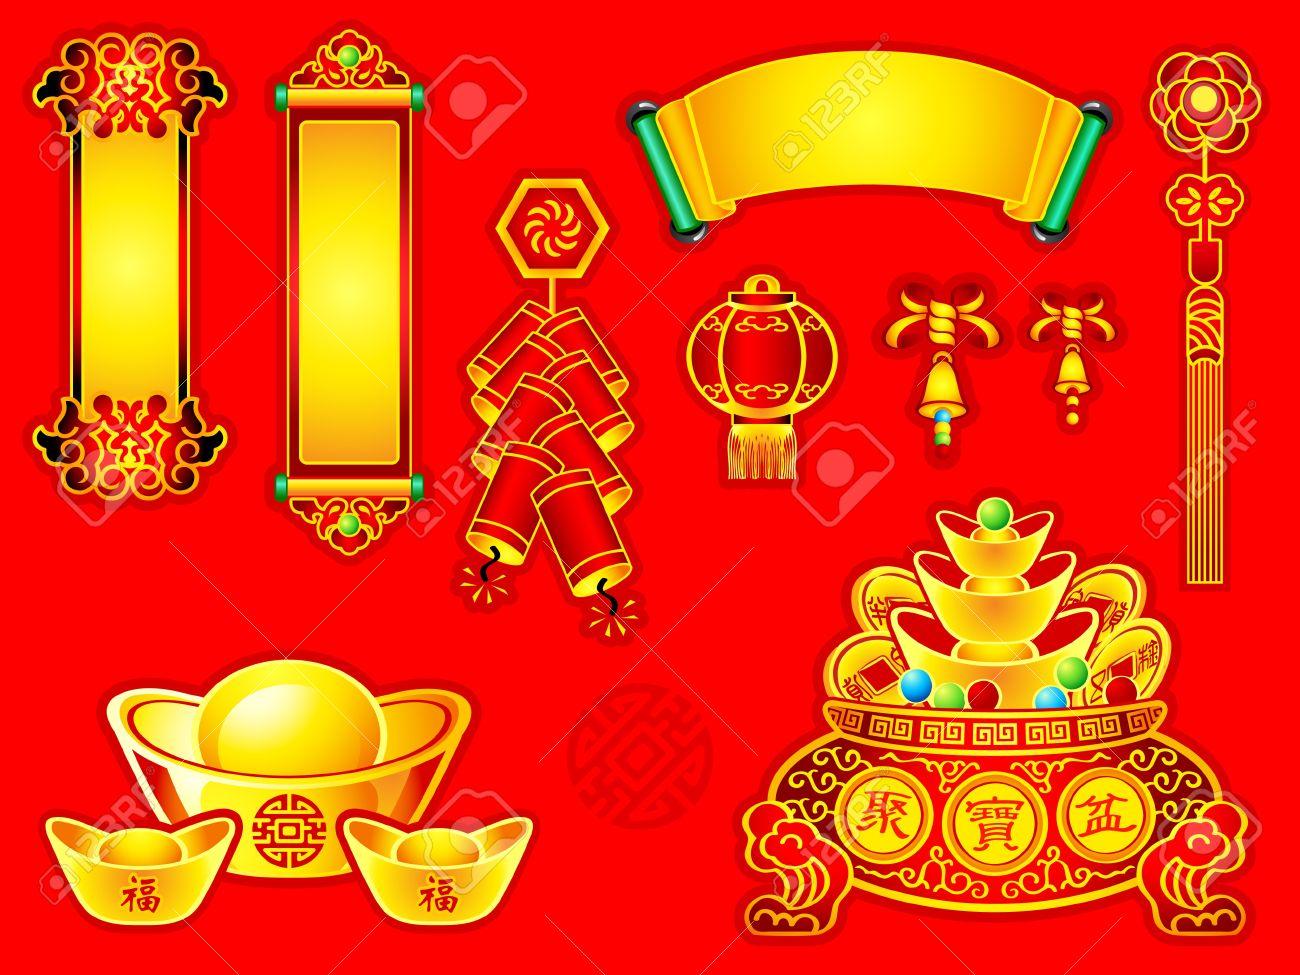 Chinese New Year Dekoration Banner, Schriftrollen, Gold, Wünsche ...